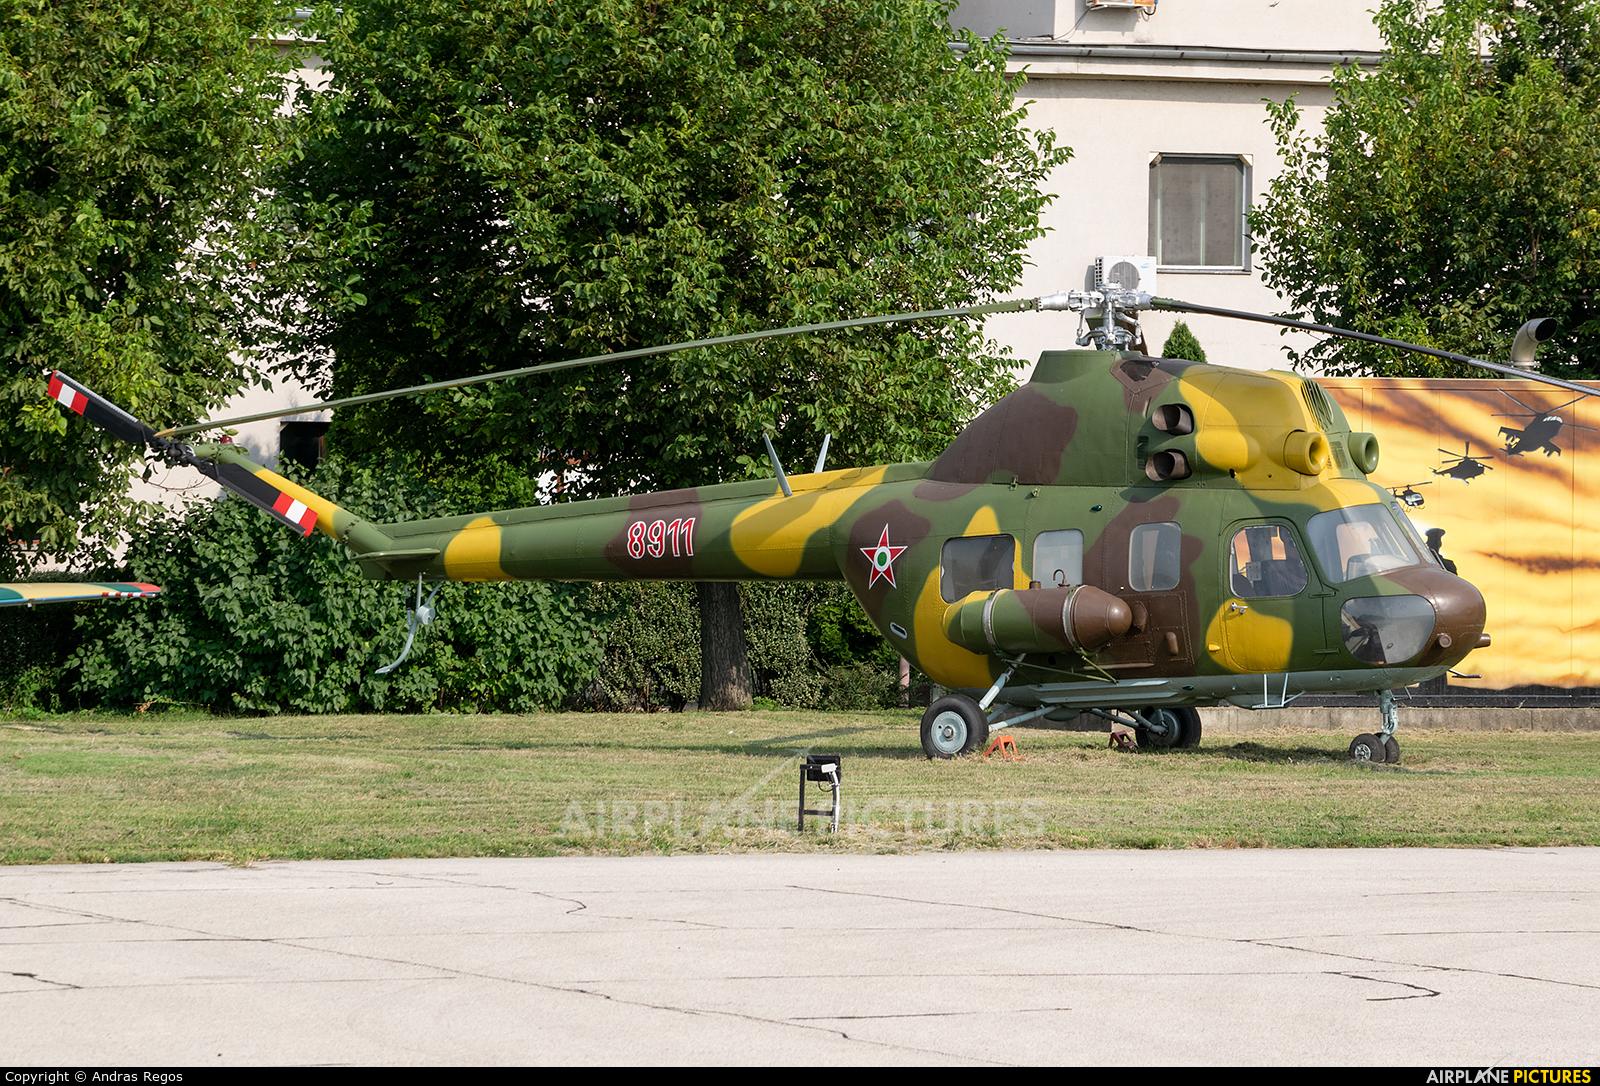 Hungary - Air Force 8911 aircraft at Szolnok